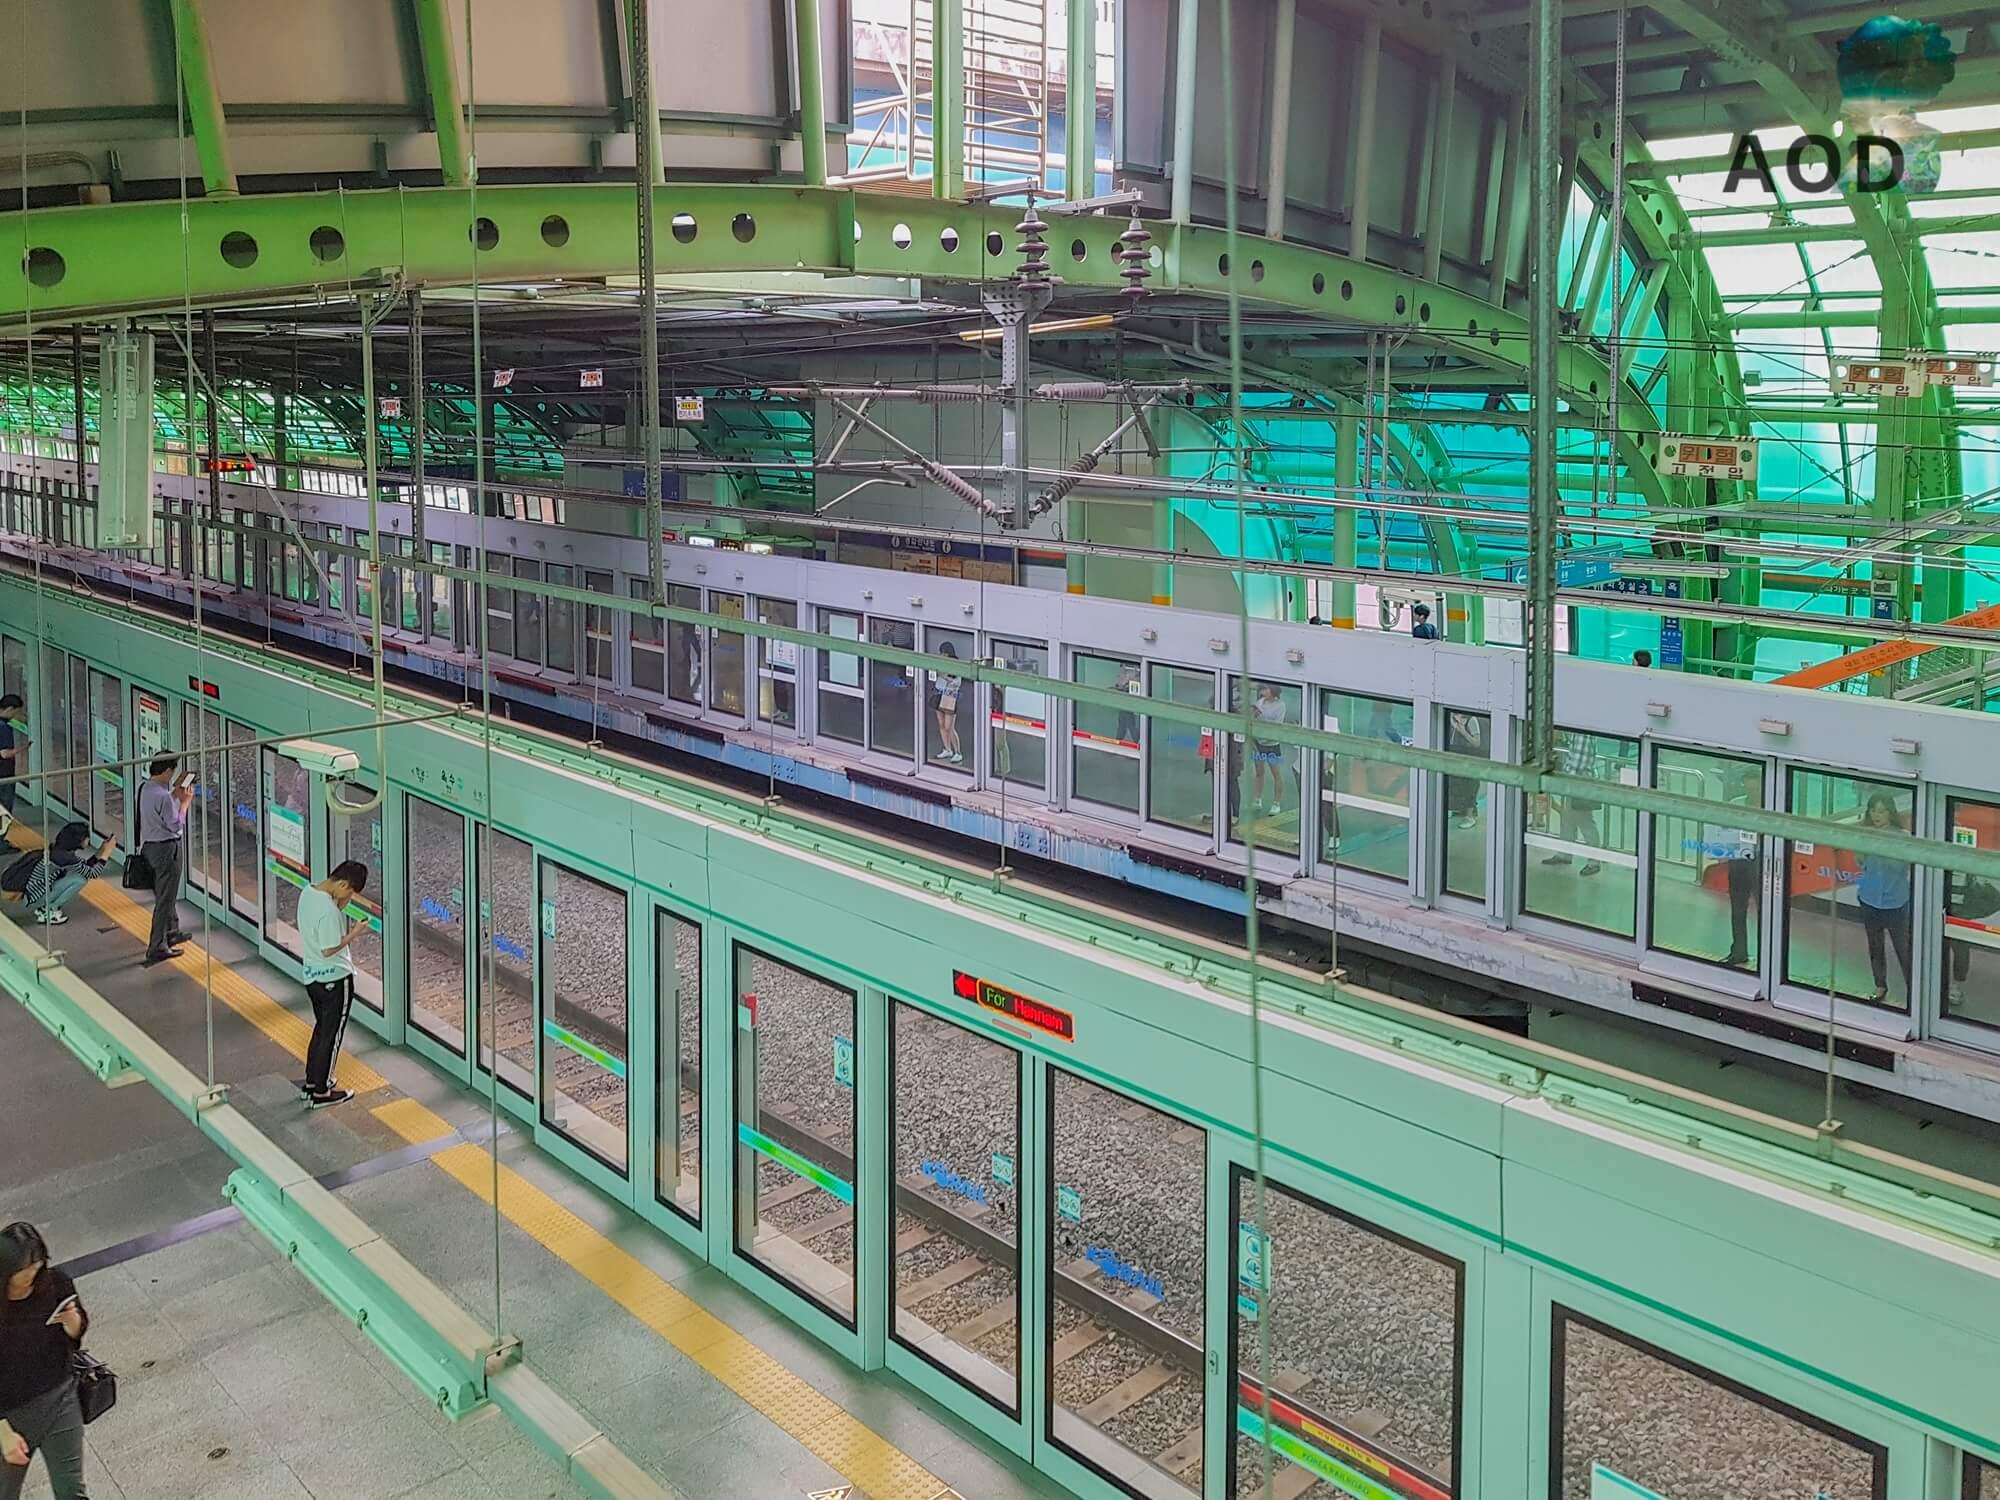 U-Bahn-Schienen und geschlossene Türen